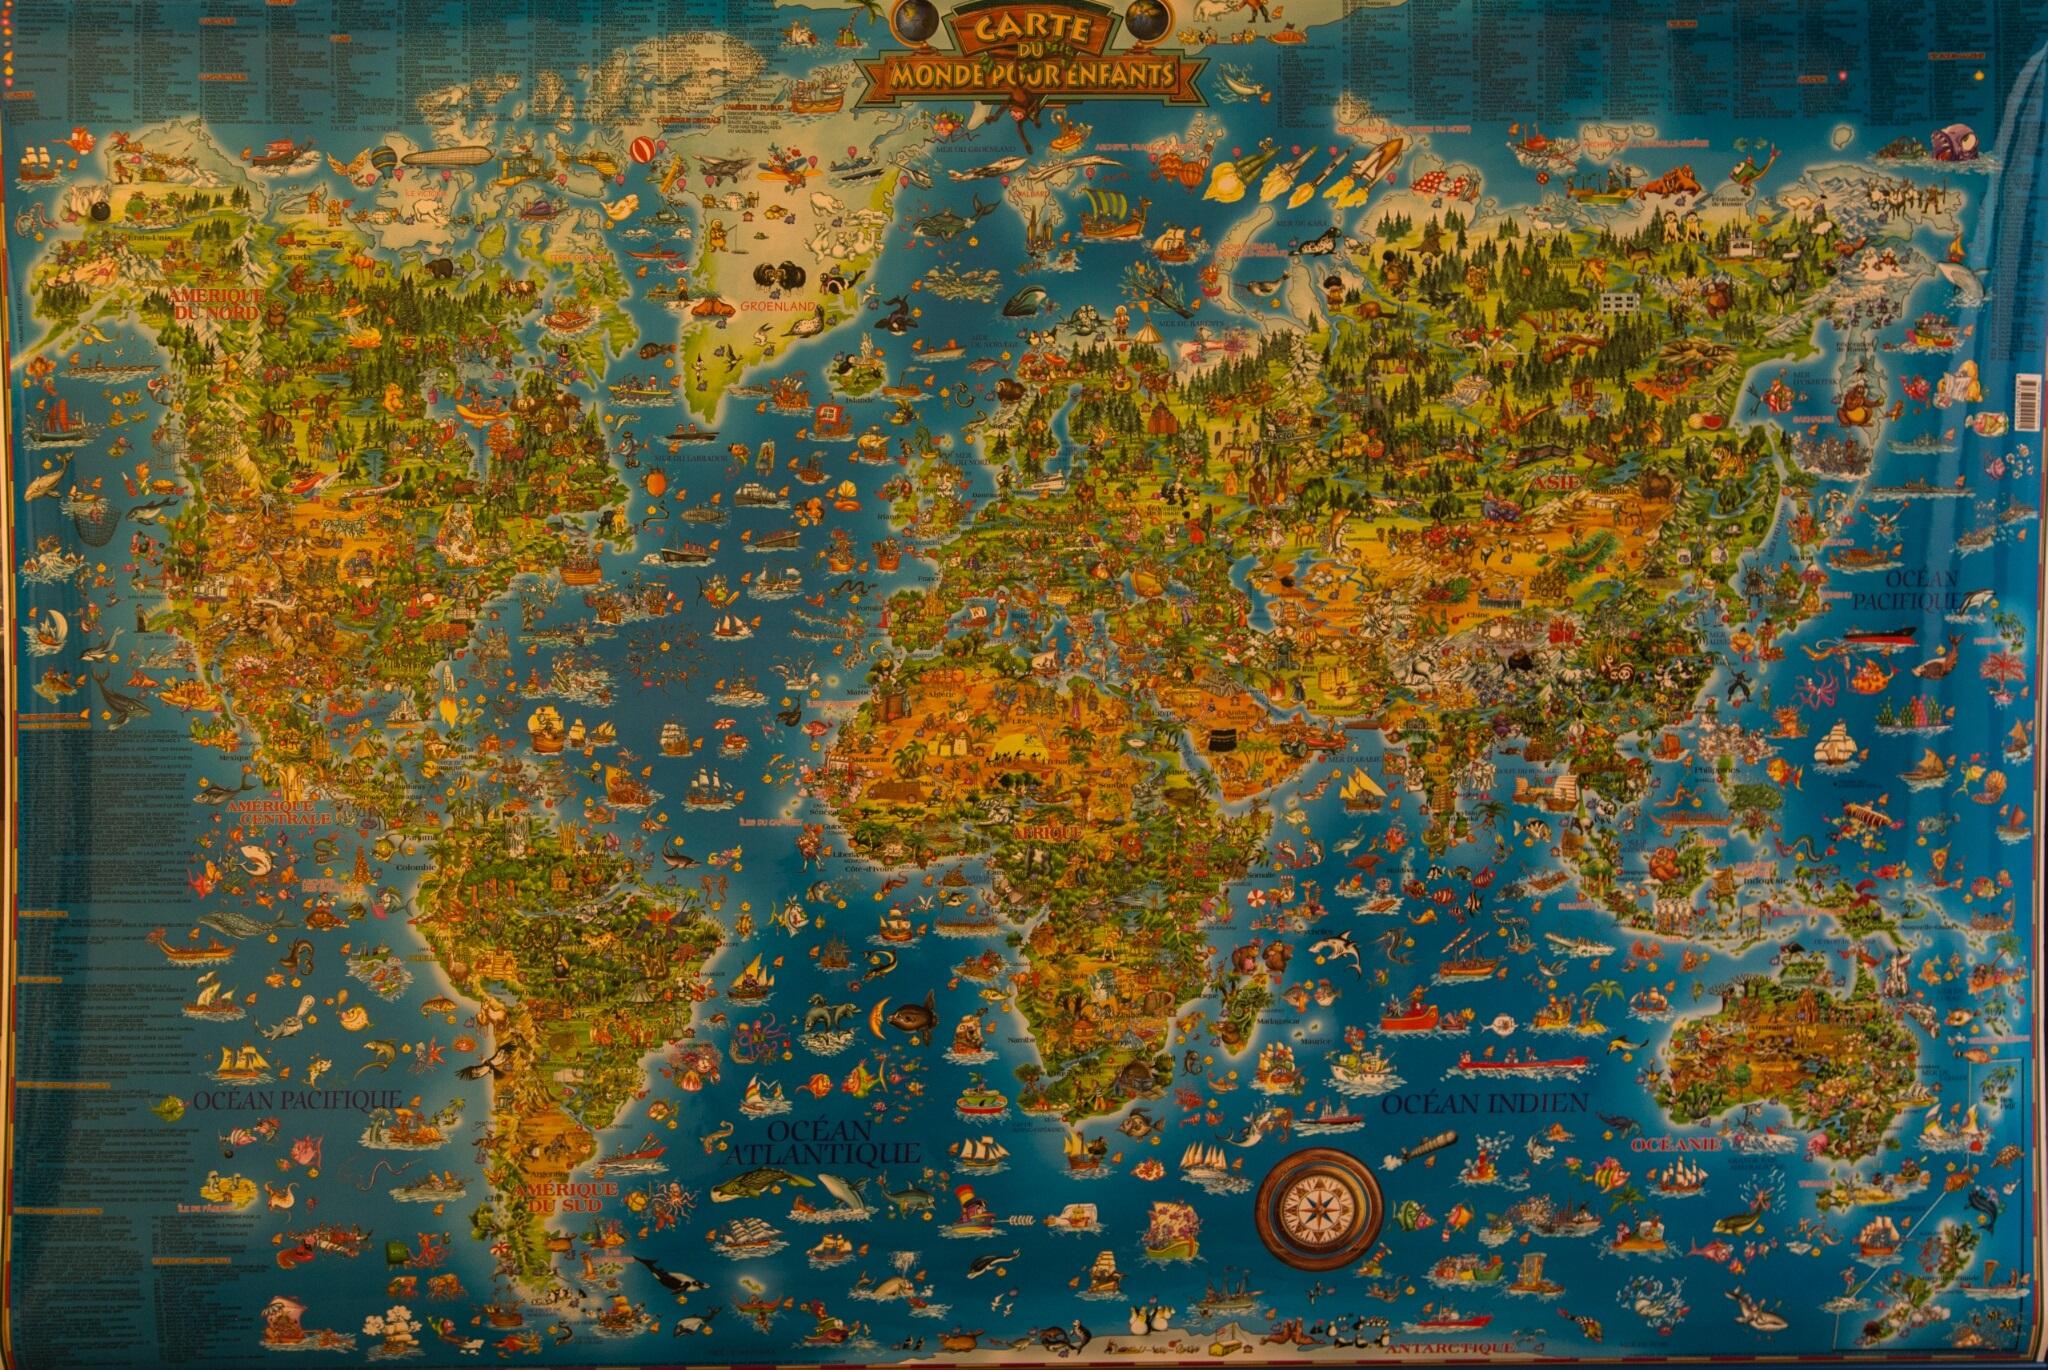 Carte Du Monde Pour Enfants avec Carte Du Monde Enfant